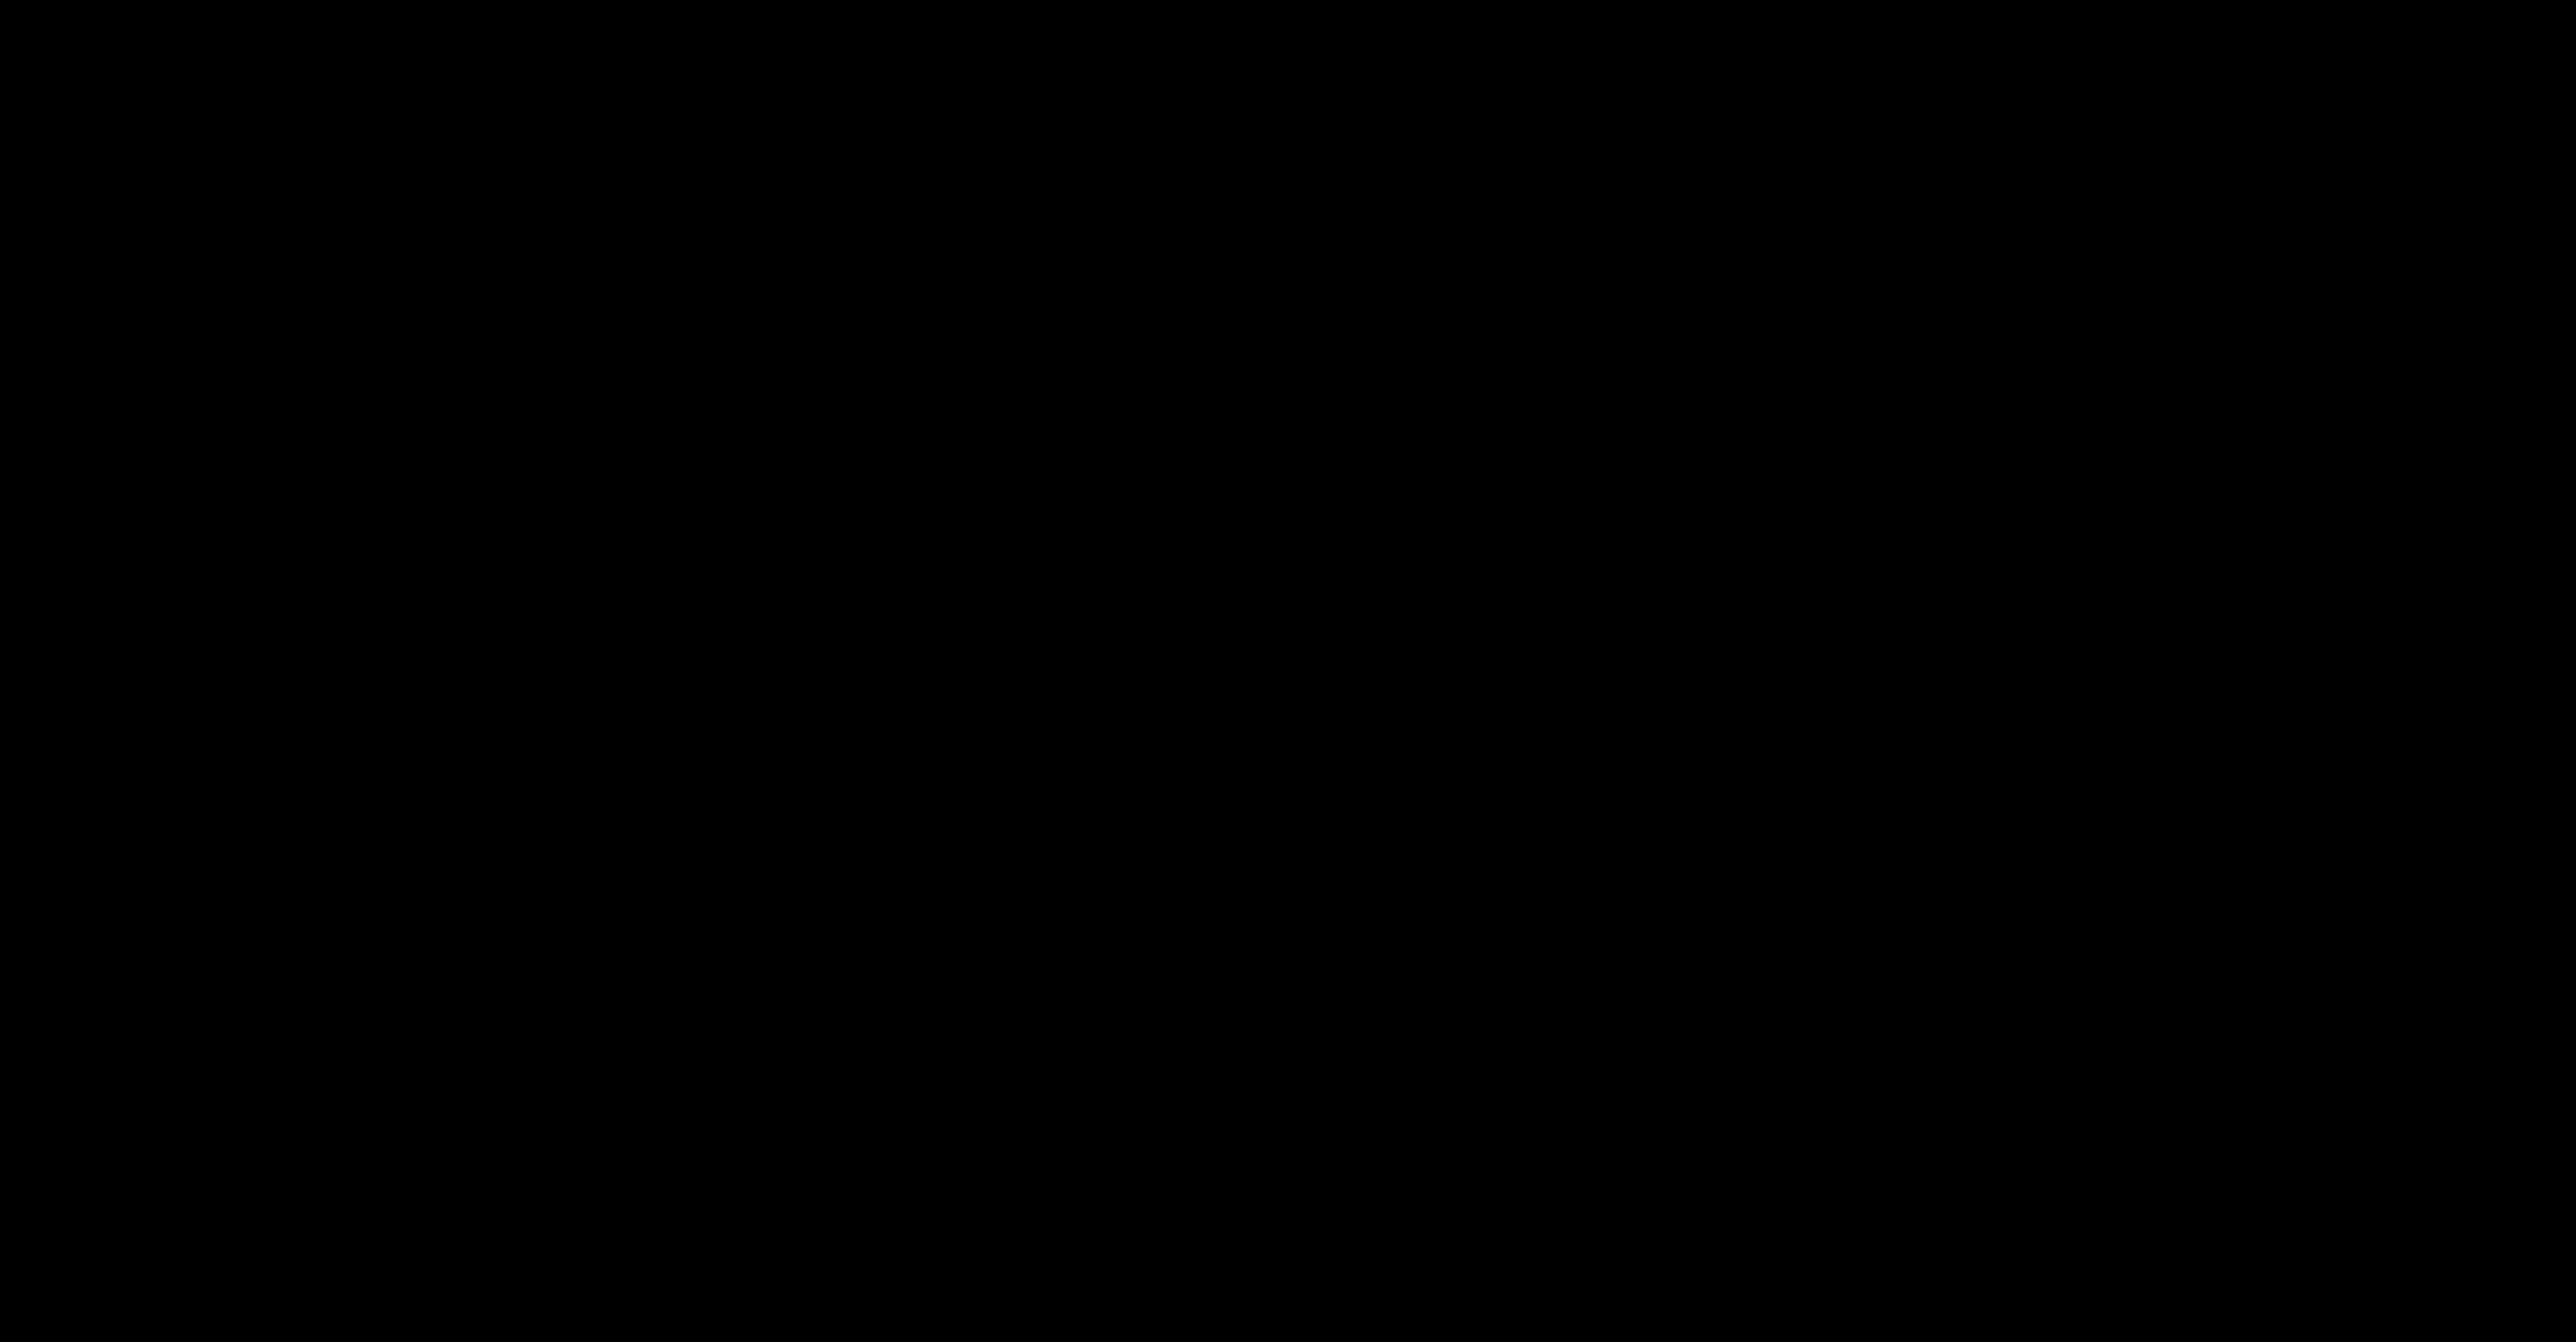 豊かな座り心地を実現するこだわりの内部構造